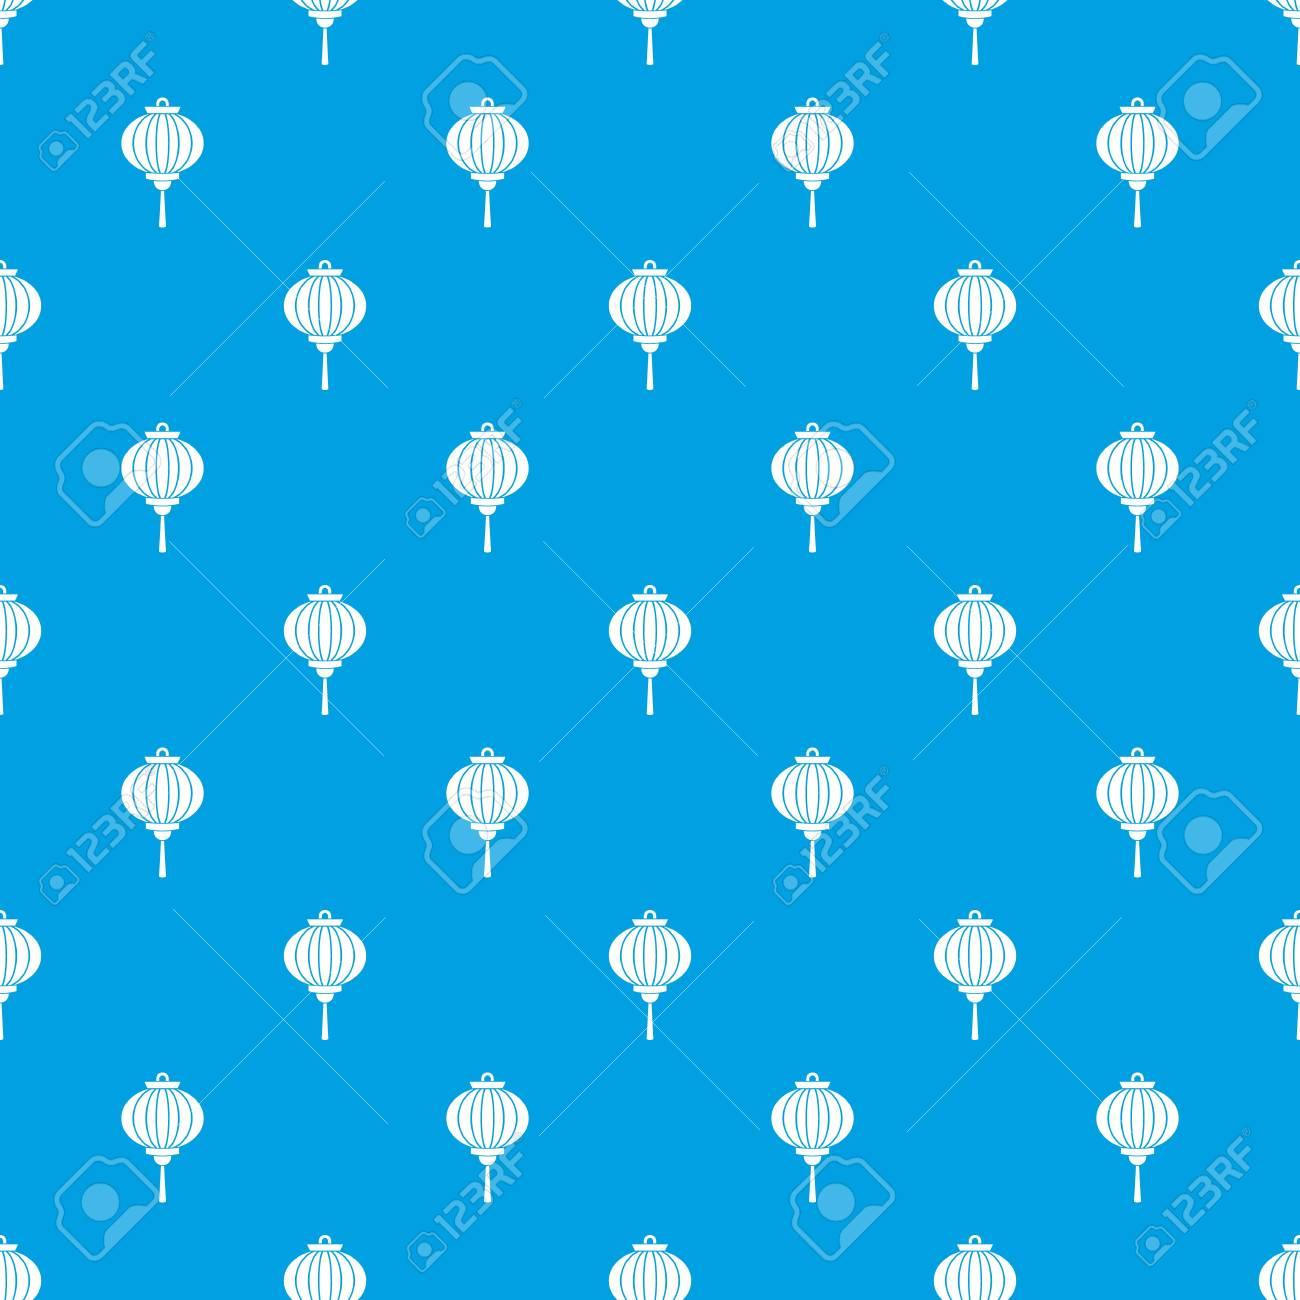 chinese lantern pattern repeat